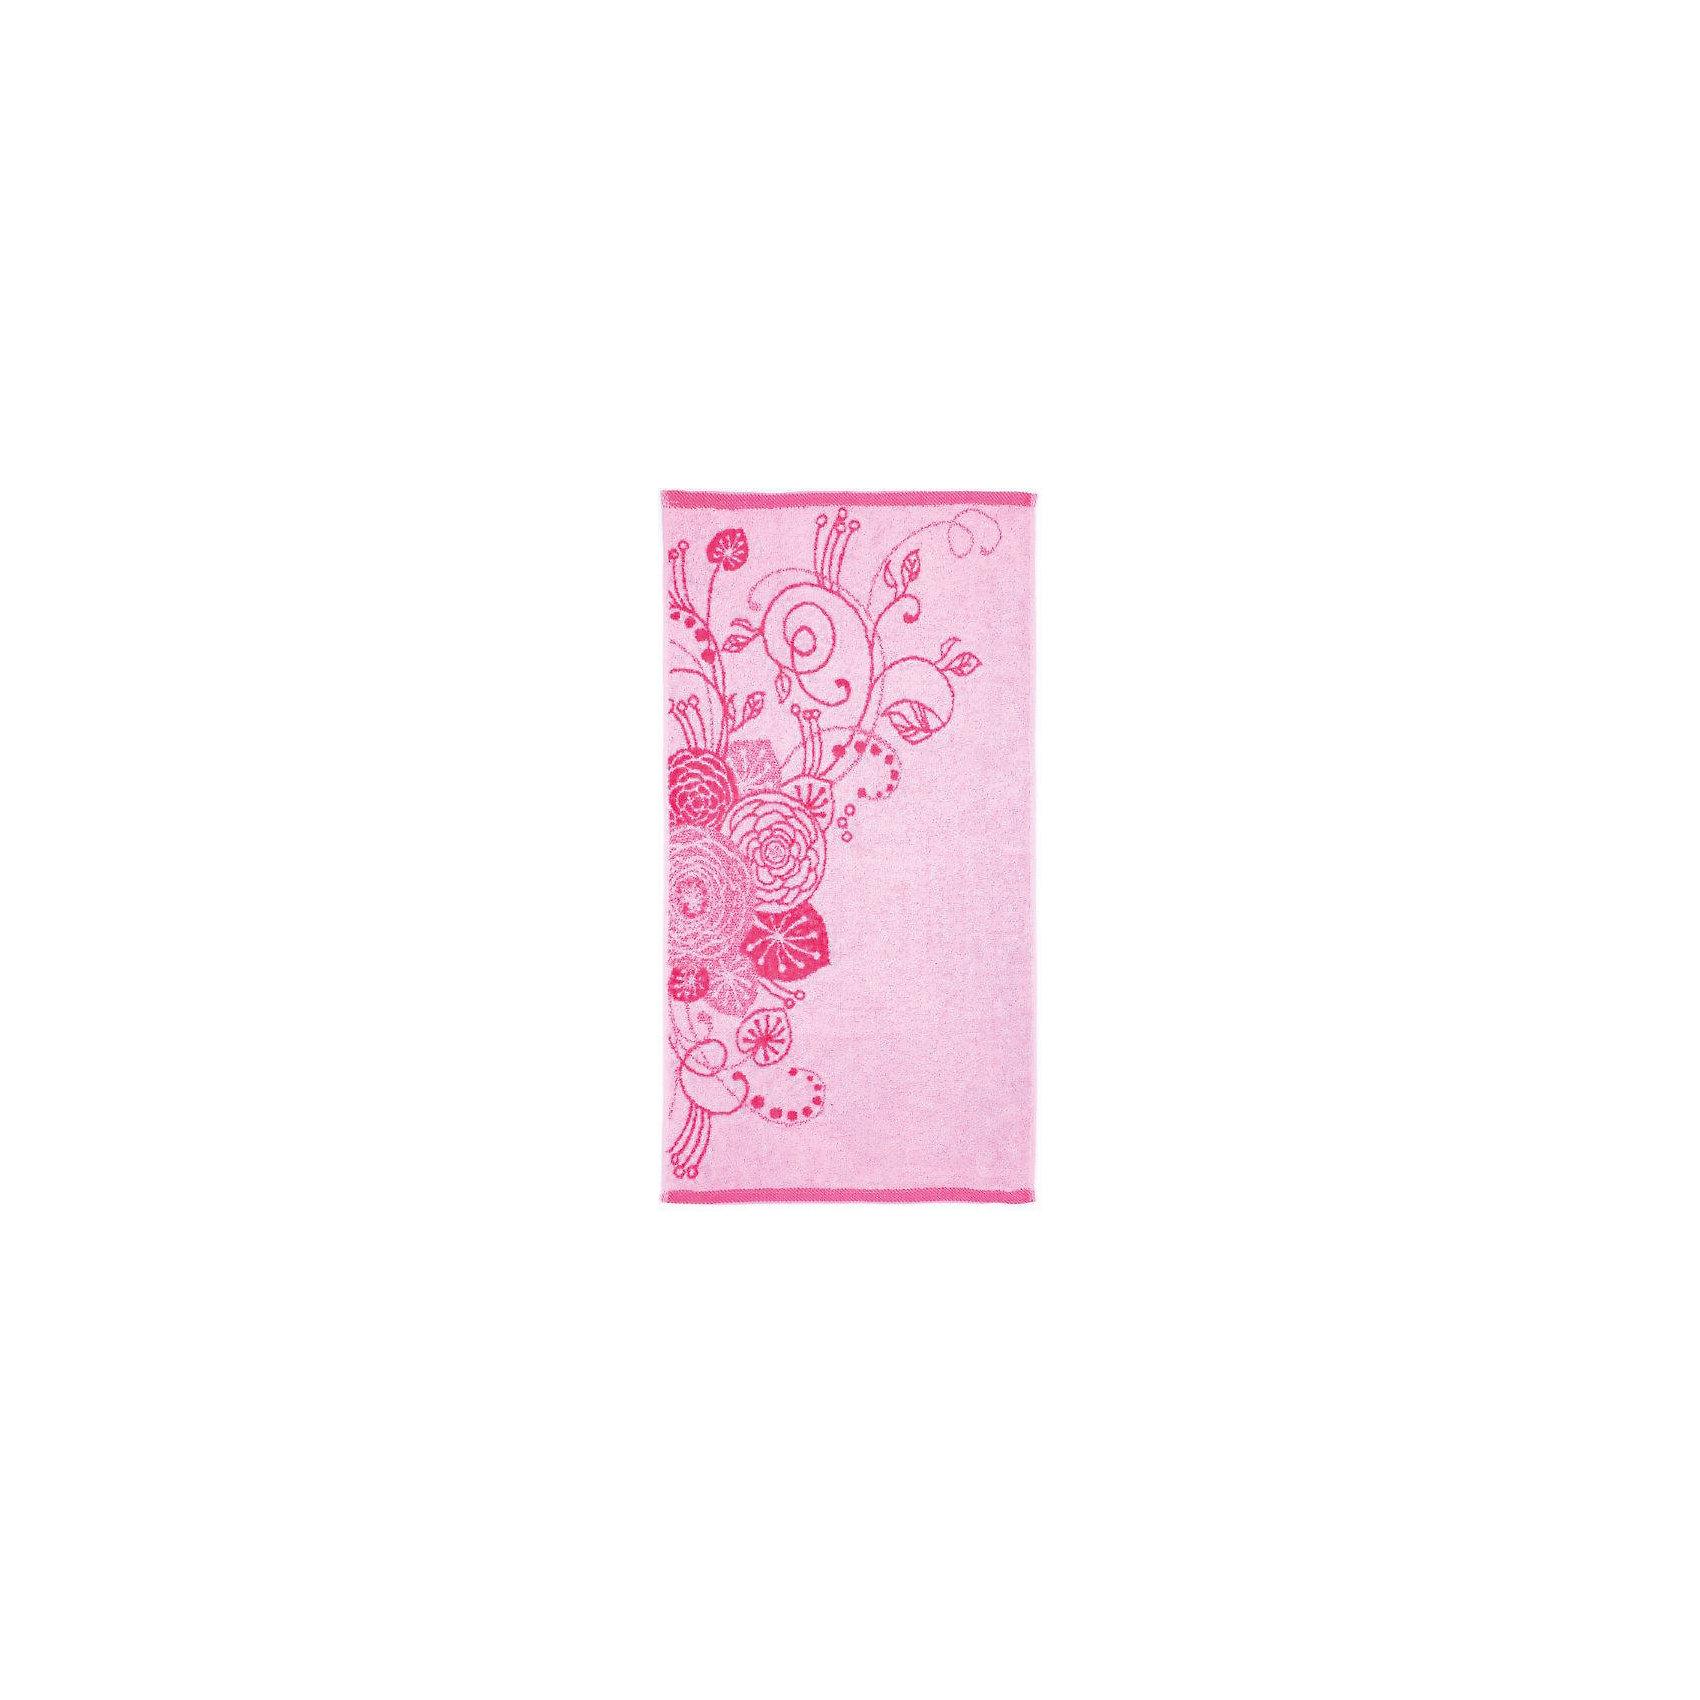 Любимый дом Полотенце махровое Лютики 50*90, Любимый дом, розовый